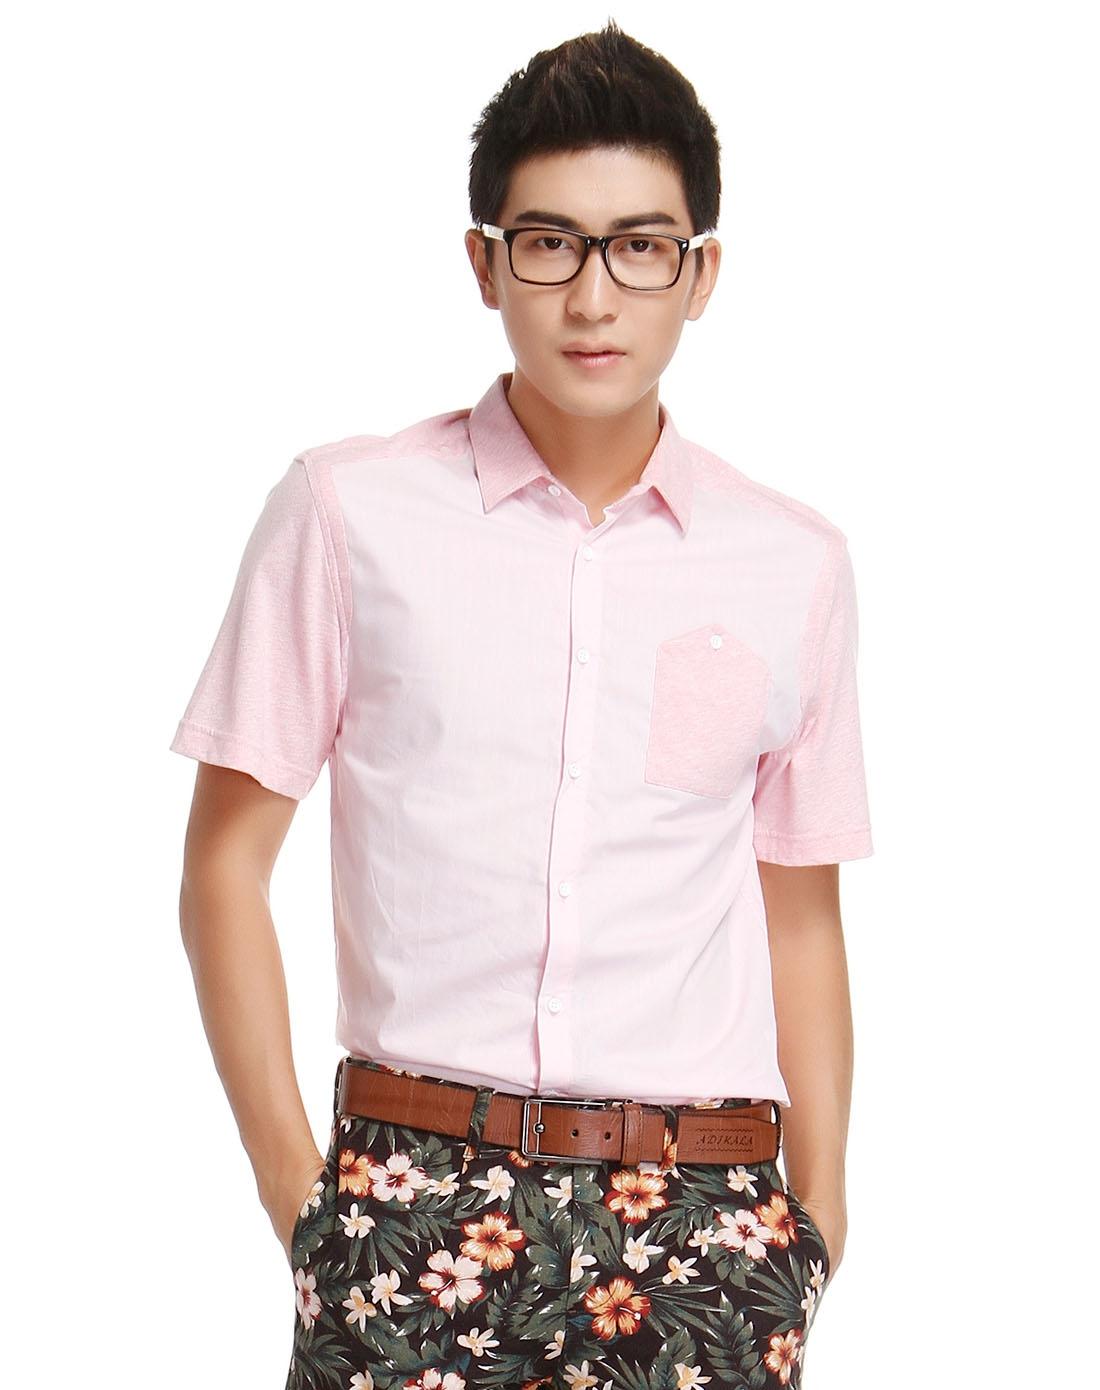 男士粉红修身短袖衬衫